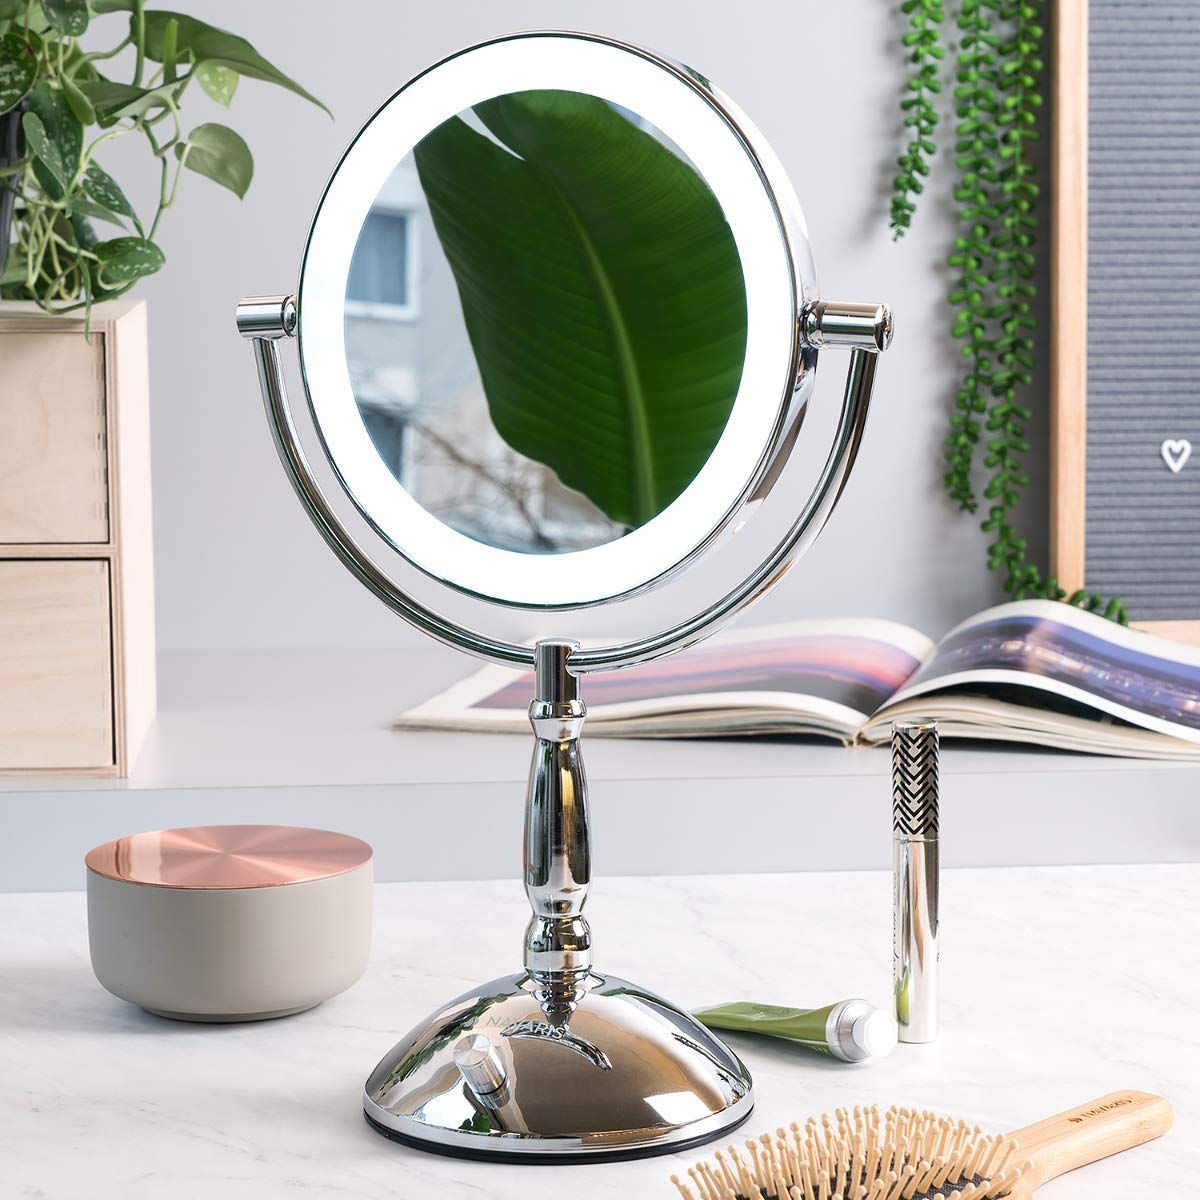 Kosmetik Rasierspiegel Mit Dem Design Vergrosserungsspiegel Mit Standfuss Von Navaris Make In 2020 Schminkspiegel Beleuchtet Schminkspiegel Kosmetikspiegel